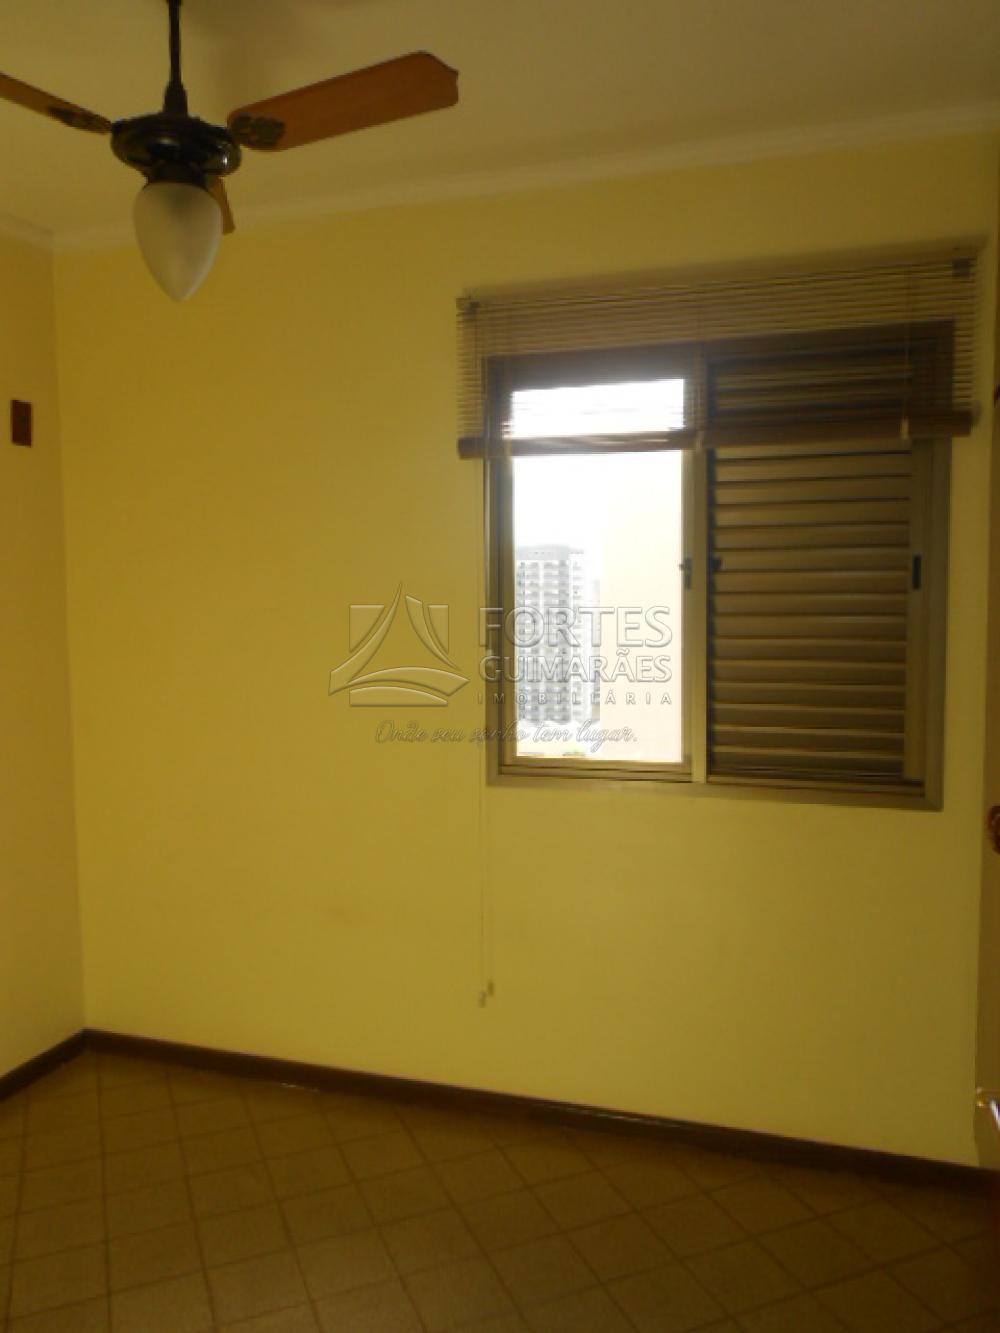 Alugar Apartamentos / Padrão em Ribeirão Preto apenas R$ 1.000,00 - Foto 18